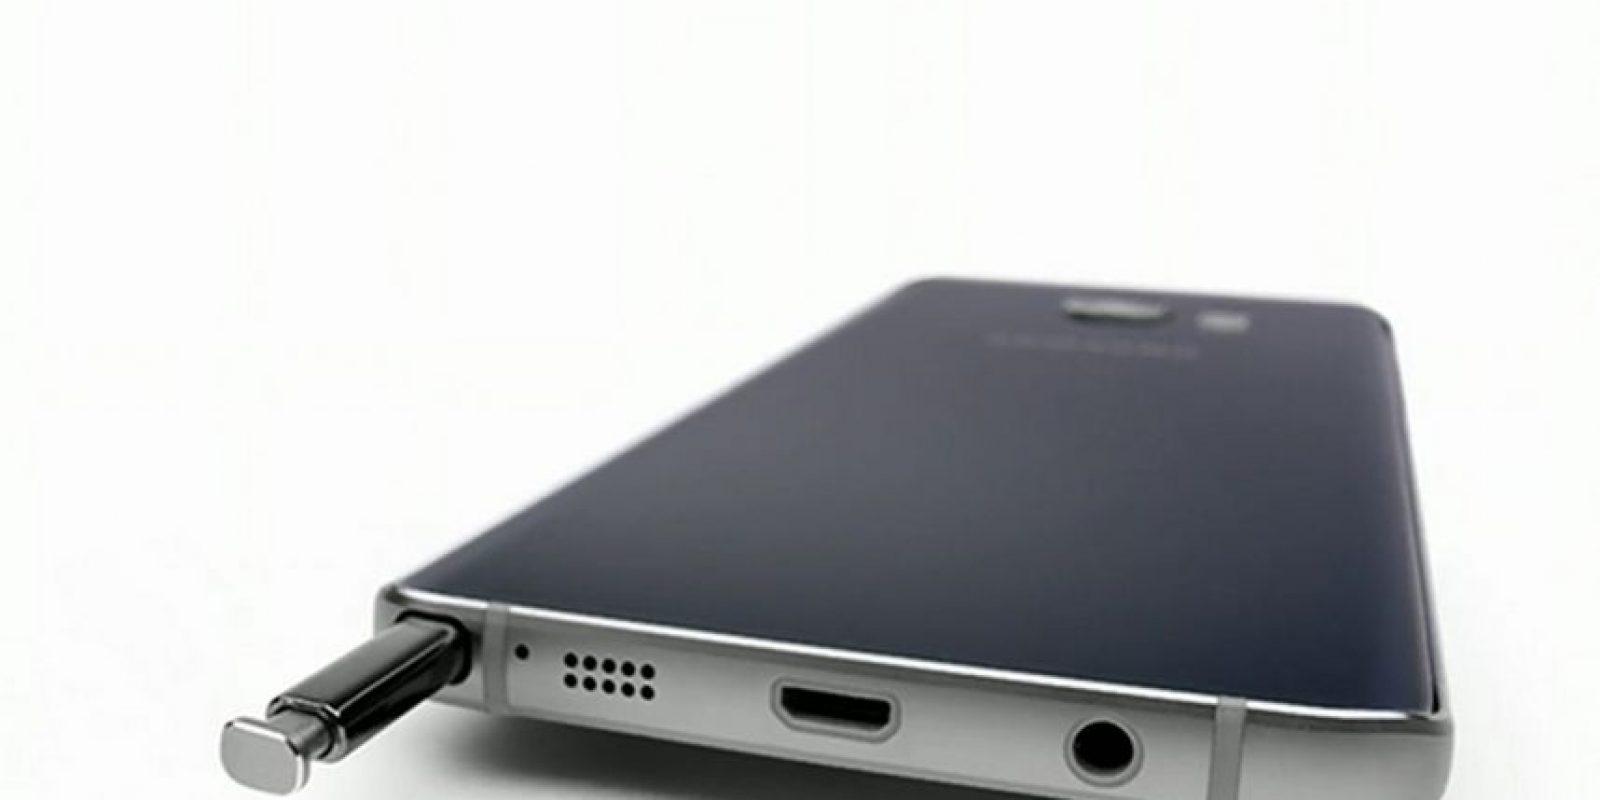 Se confirmó que no será ampliable su almacenamiento. Cuenta con dos modelos de 32 y 64GB internos Foto:Samsung